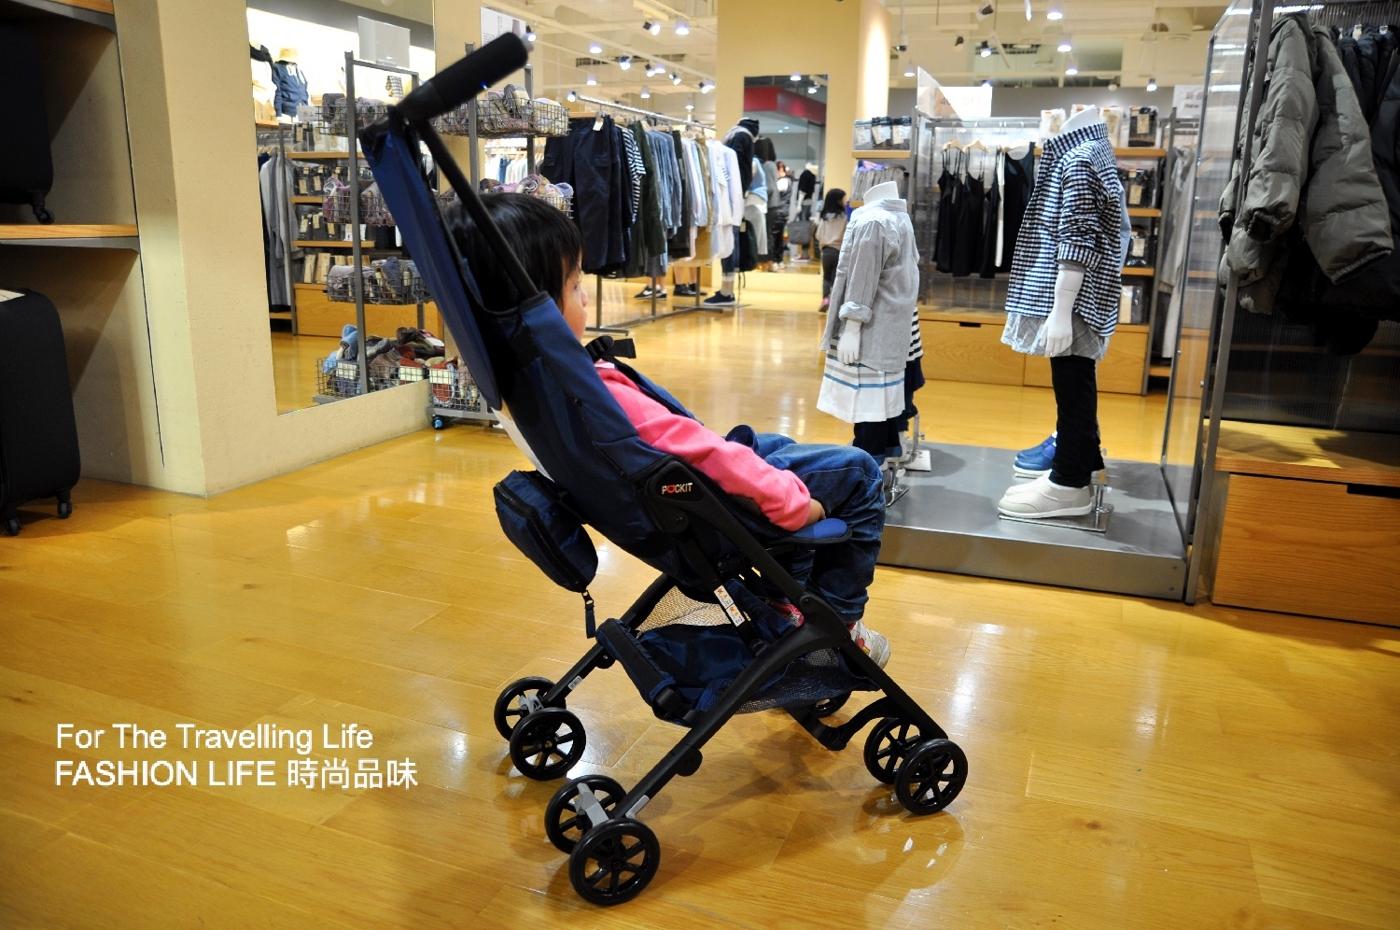 時尚品味嬰兒車出租6天日本三代口袋型推車POCKIT新生兒藍色及桃紅時尚推車出租